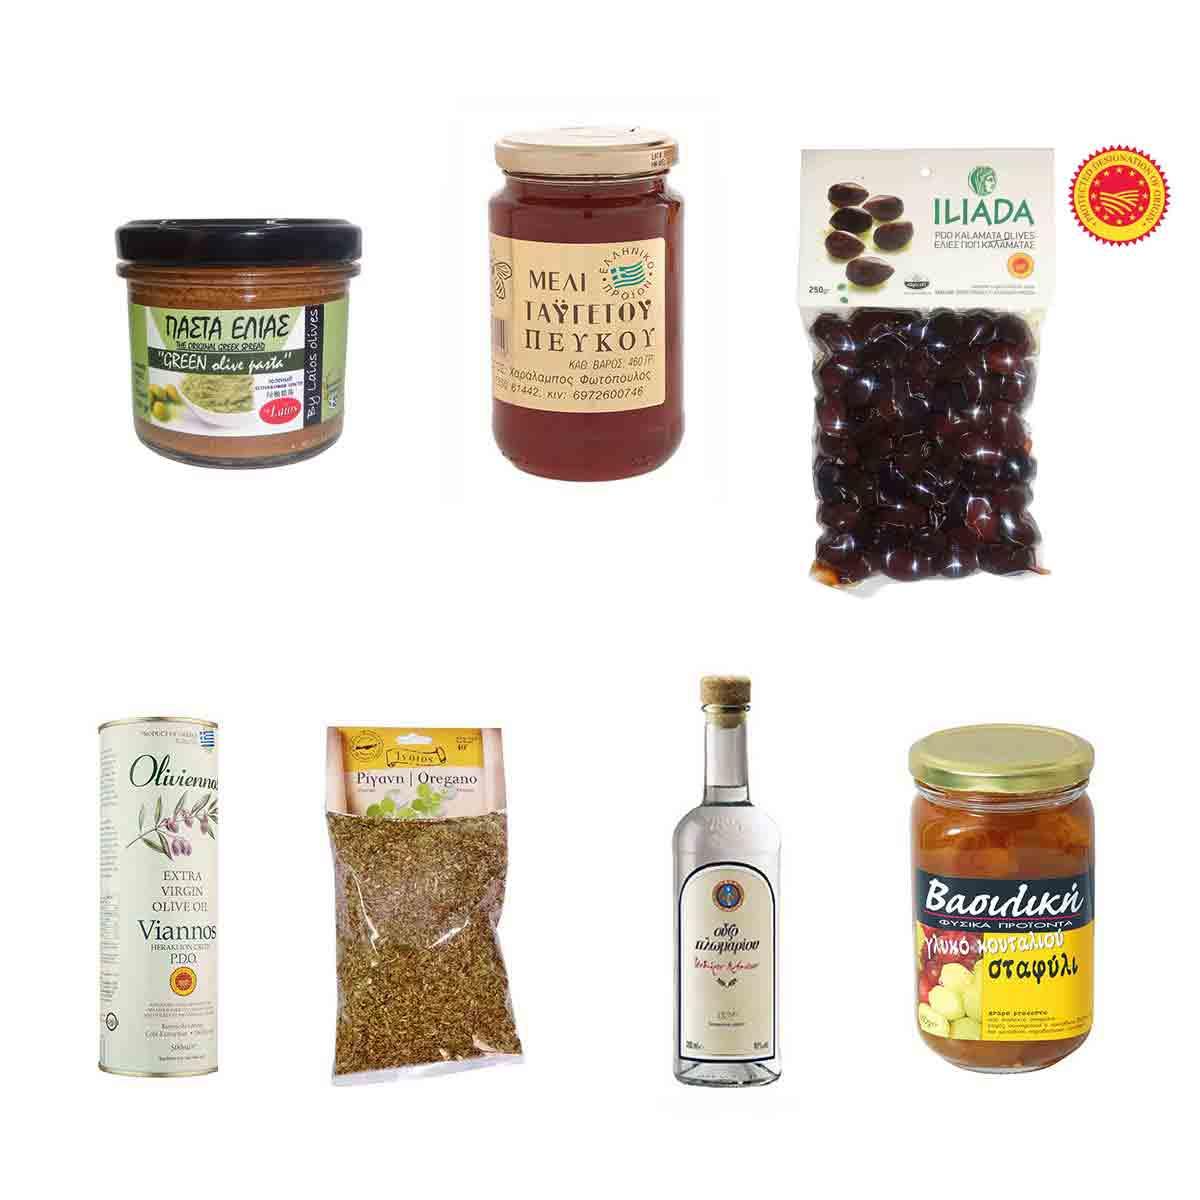 Καλαθάκι με 7 προϊόντα Νο 9